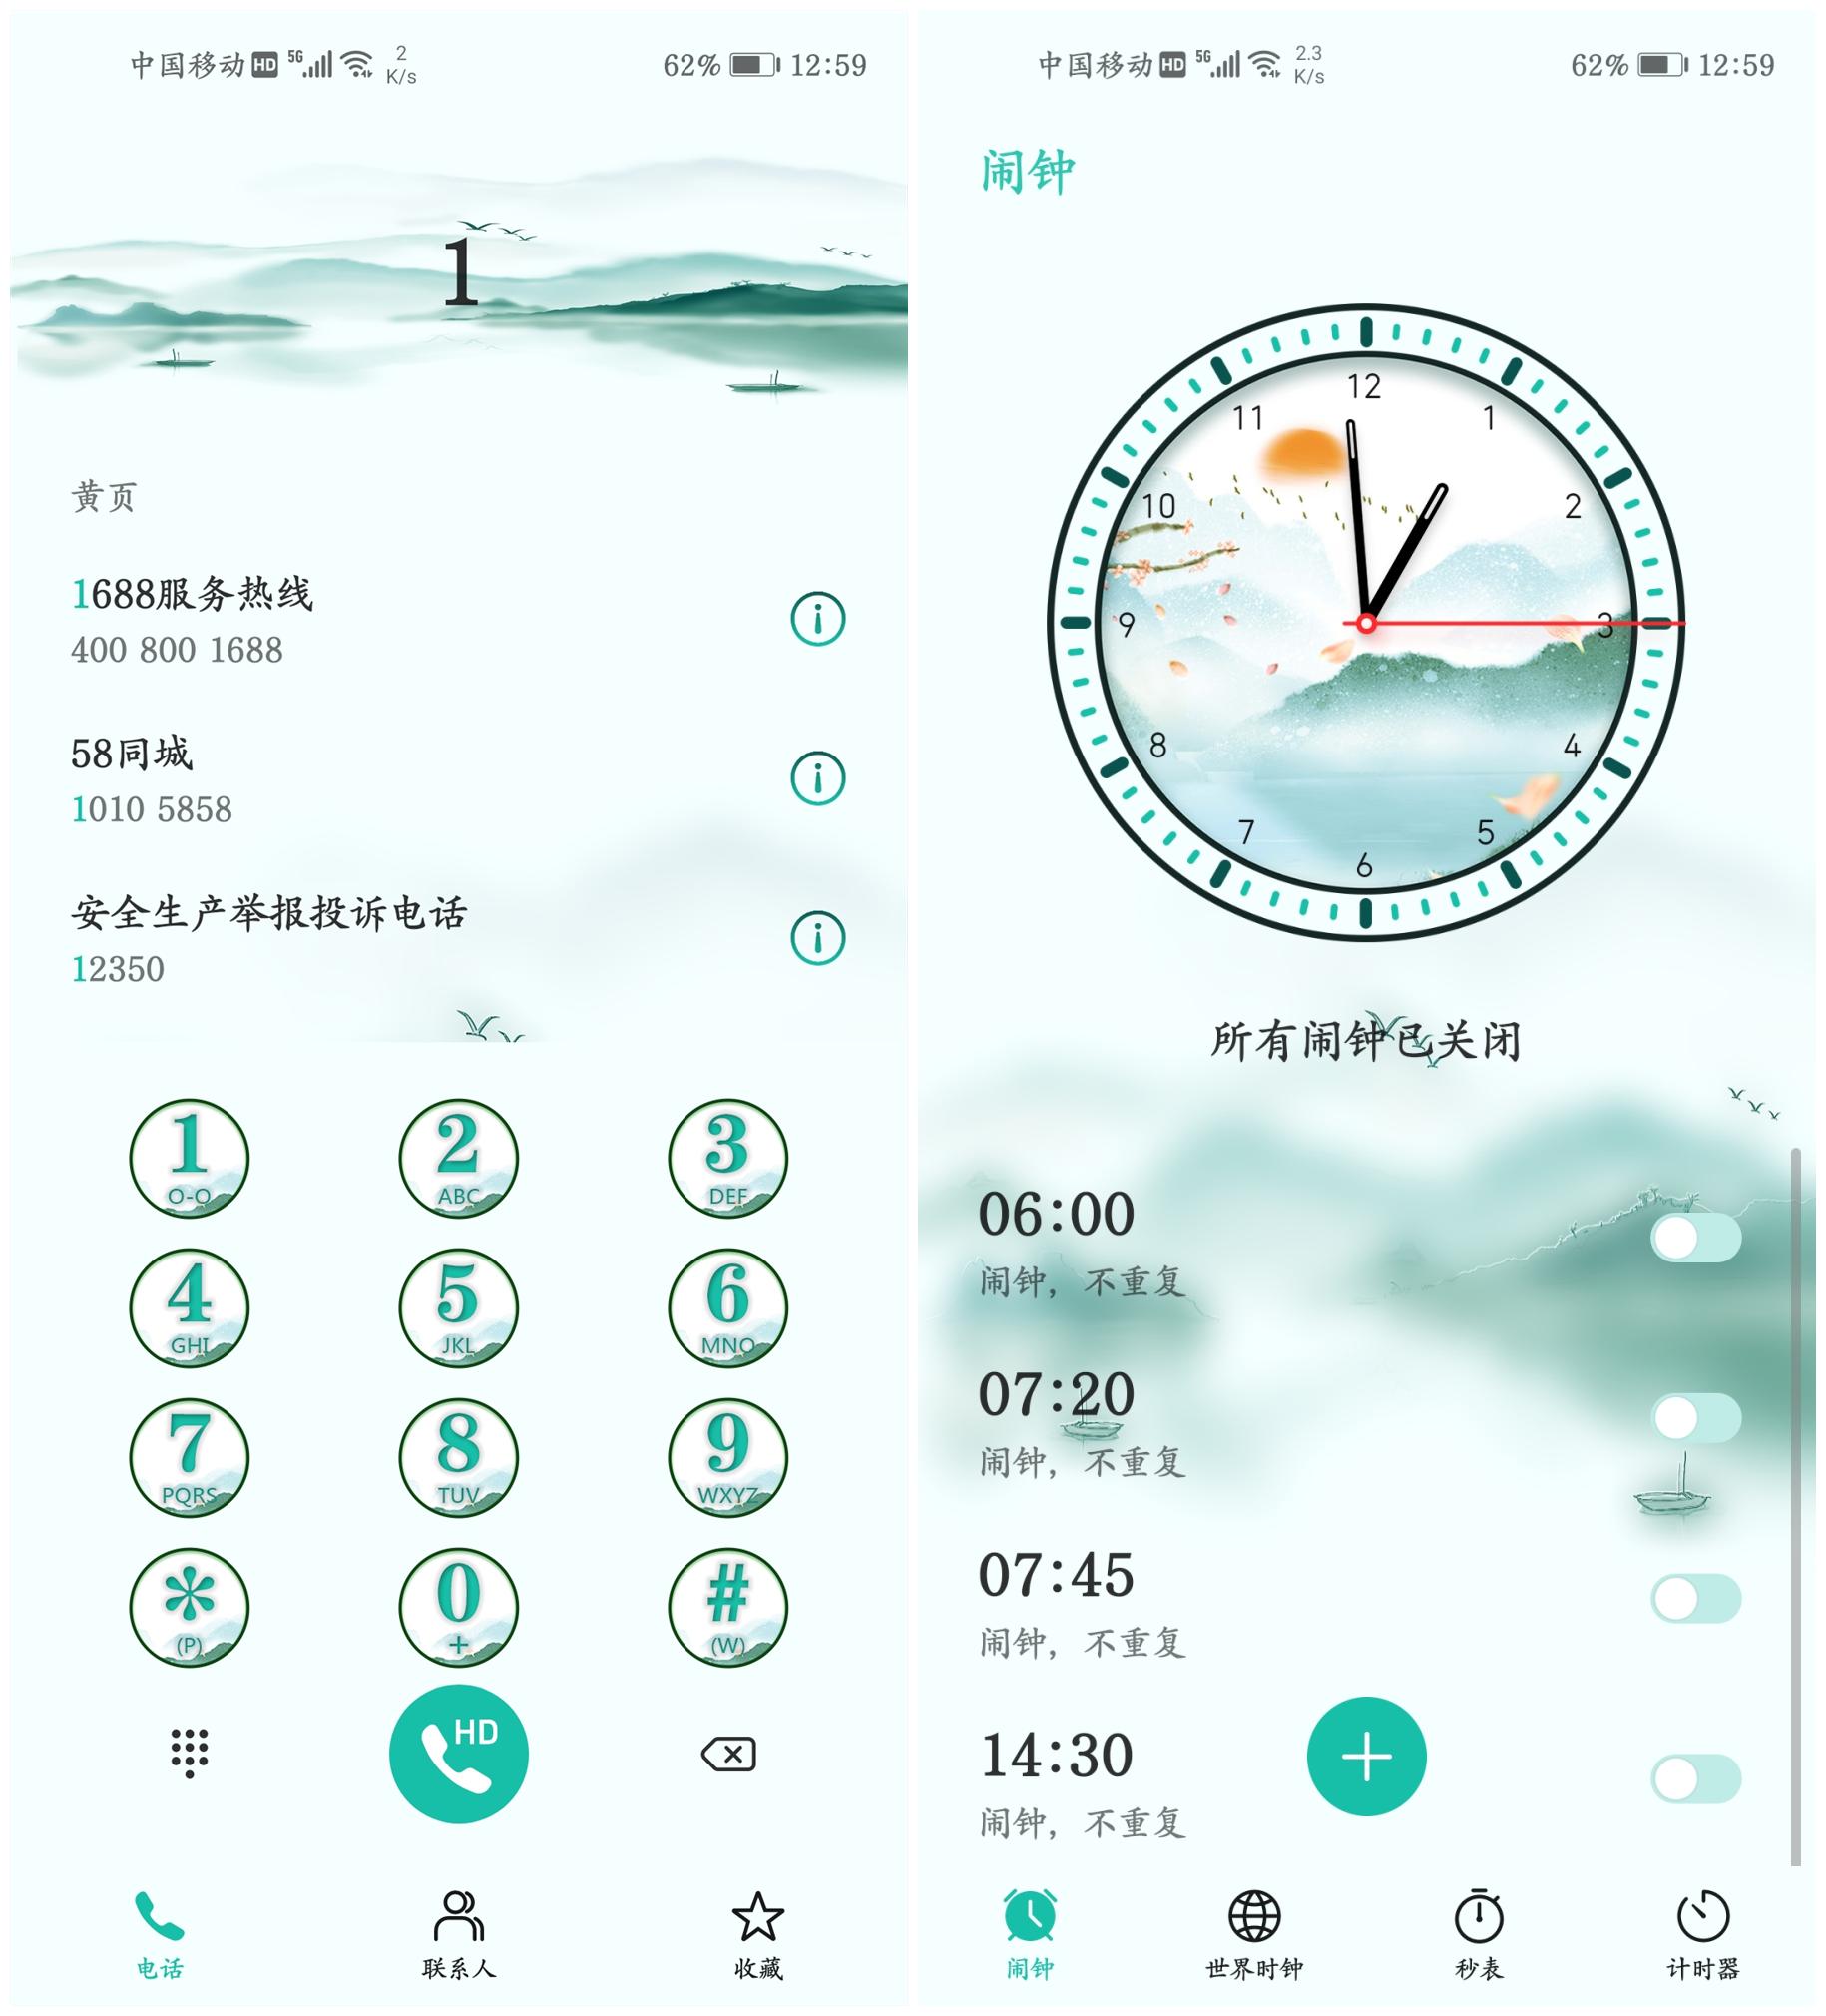 Screenshot_20210501_125901_com.huawei.contacts.jpg